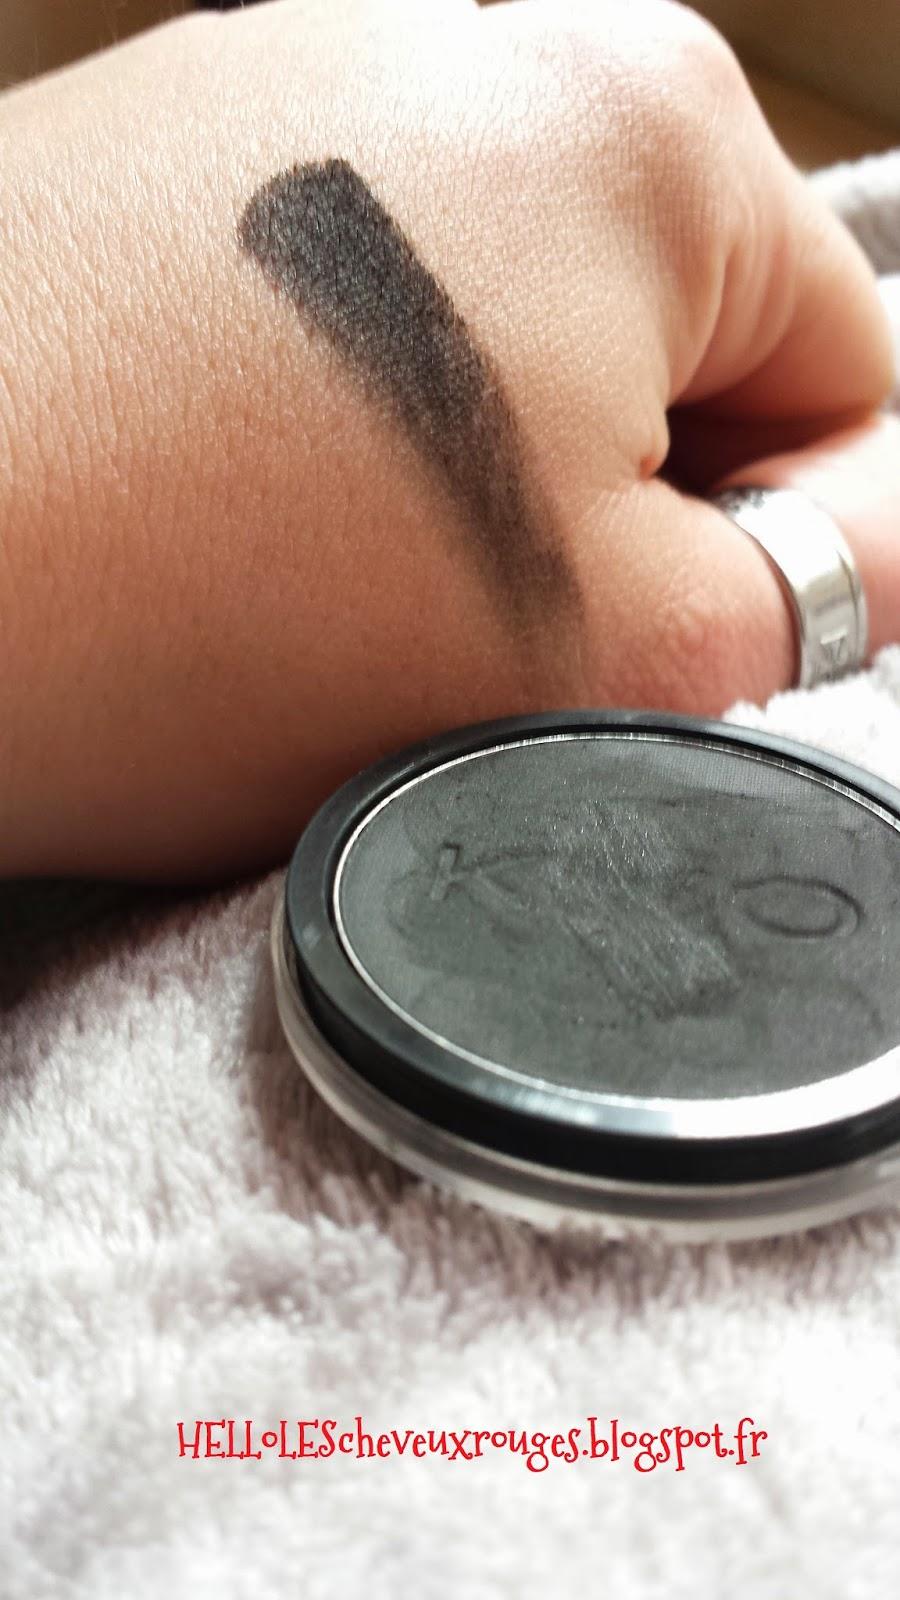 swatch sur ma main du fard à paupière noir de chez kiko